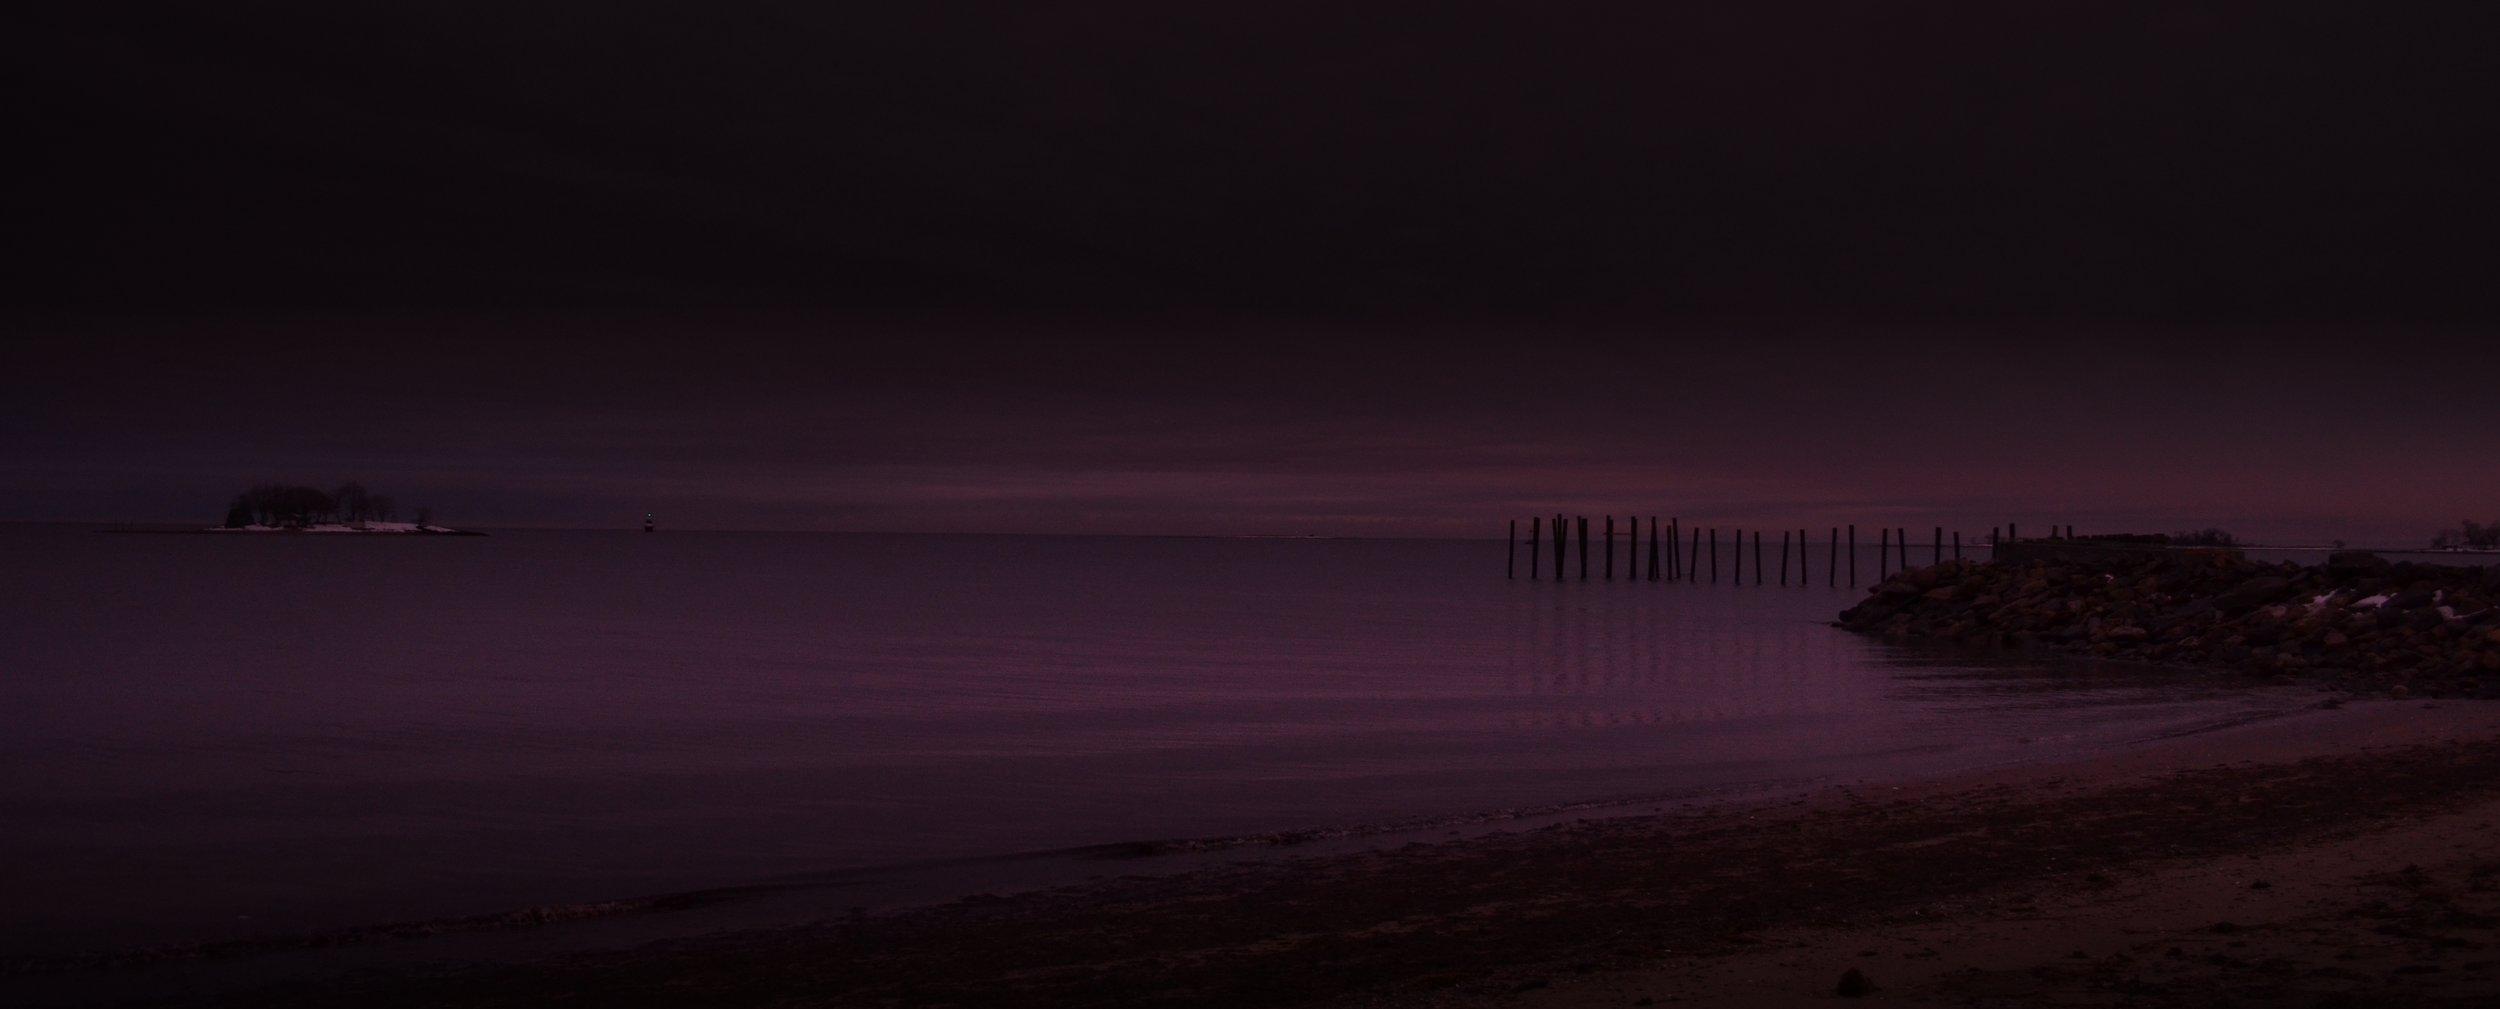 violet_13550519653_o.jpg